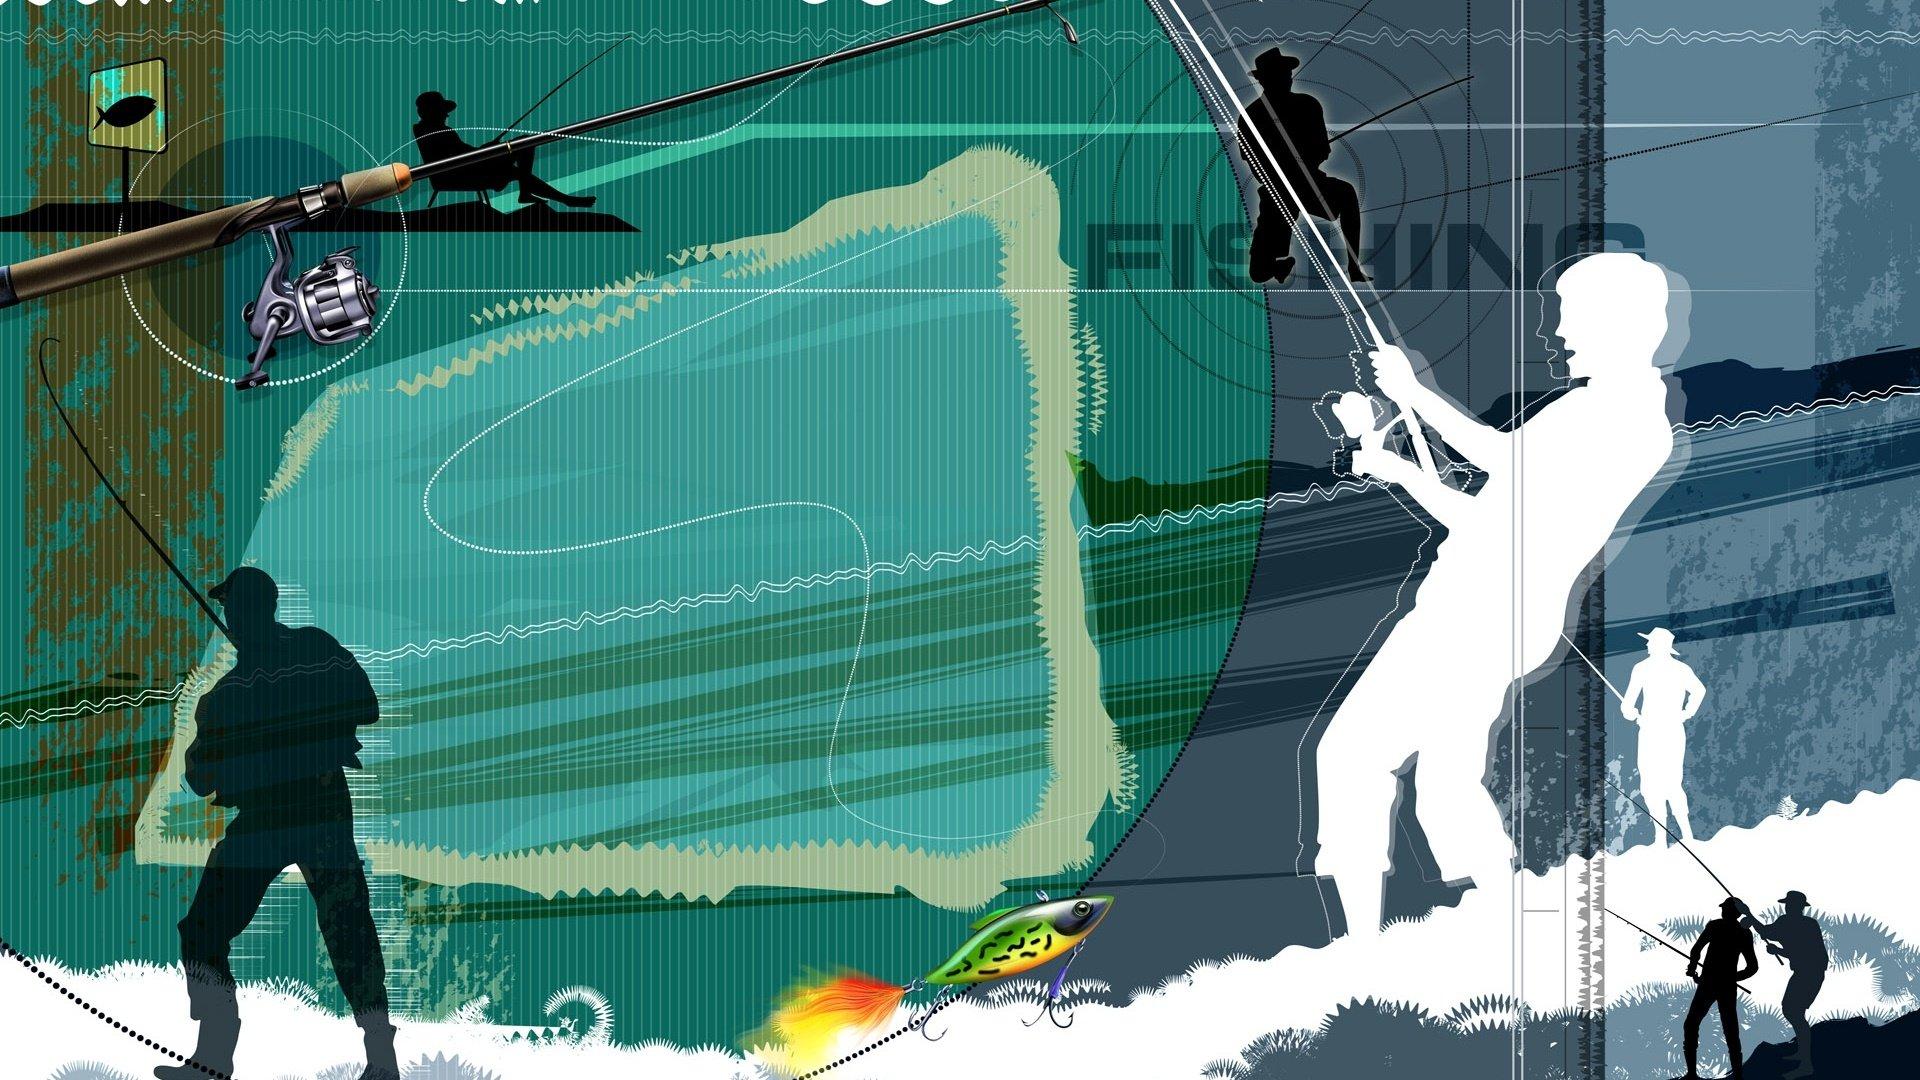 体育运动项目手绘_体育自行车运动项目卡通版手绘